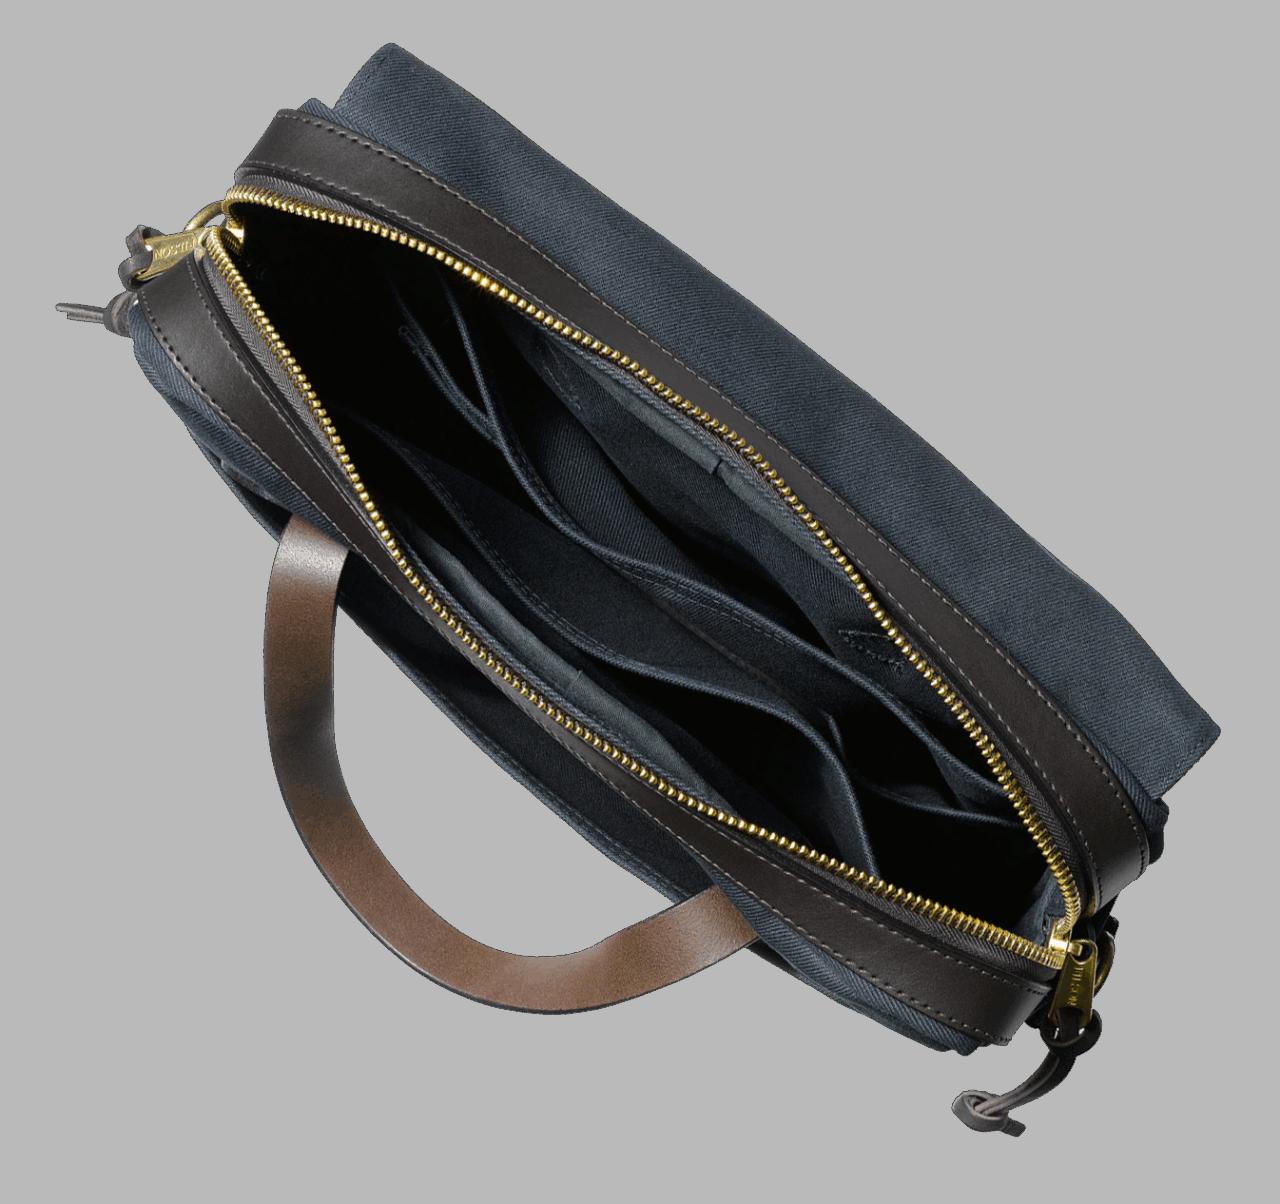 Filson Rugged Twill Original Briefcase - Navy